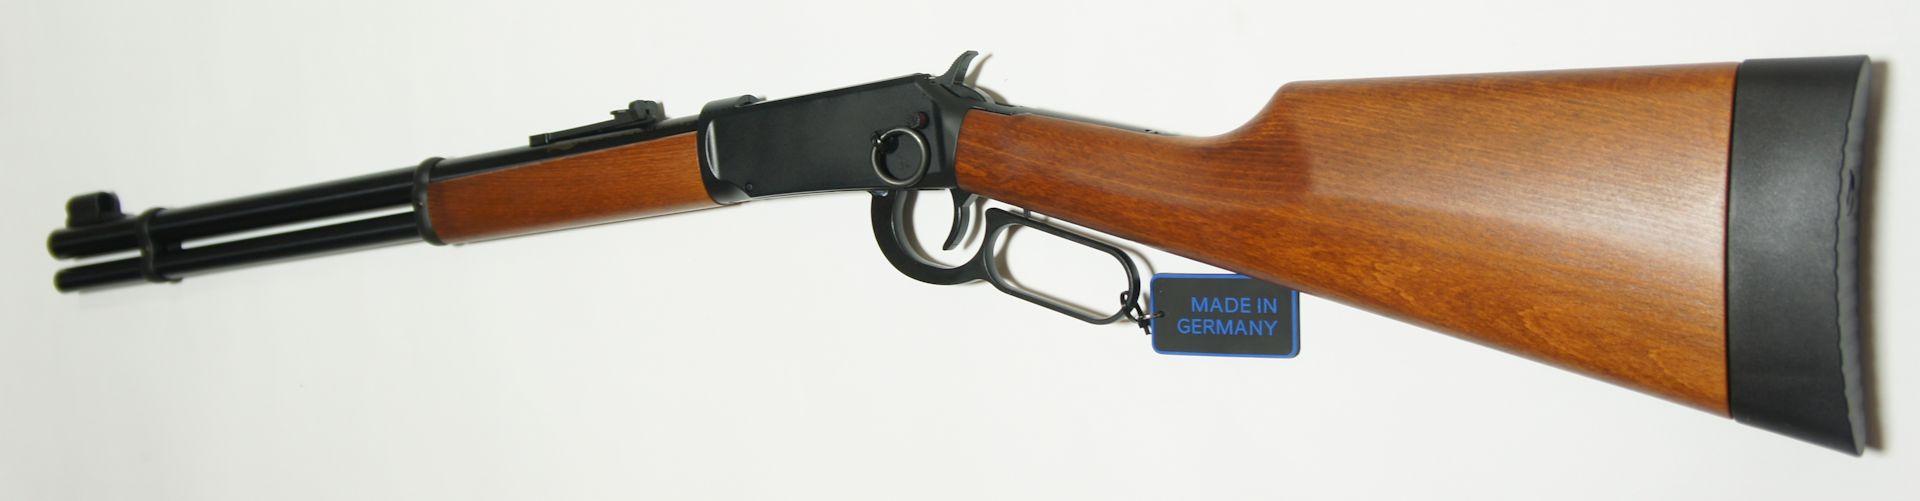 Nachbau der legendären Winchester als CO2-Gewehr